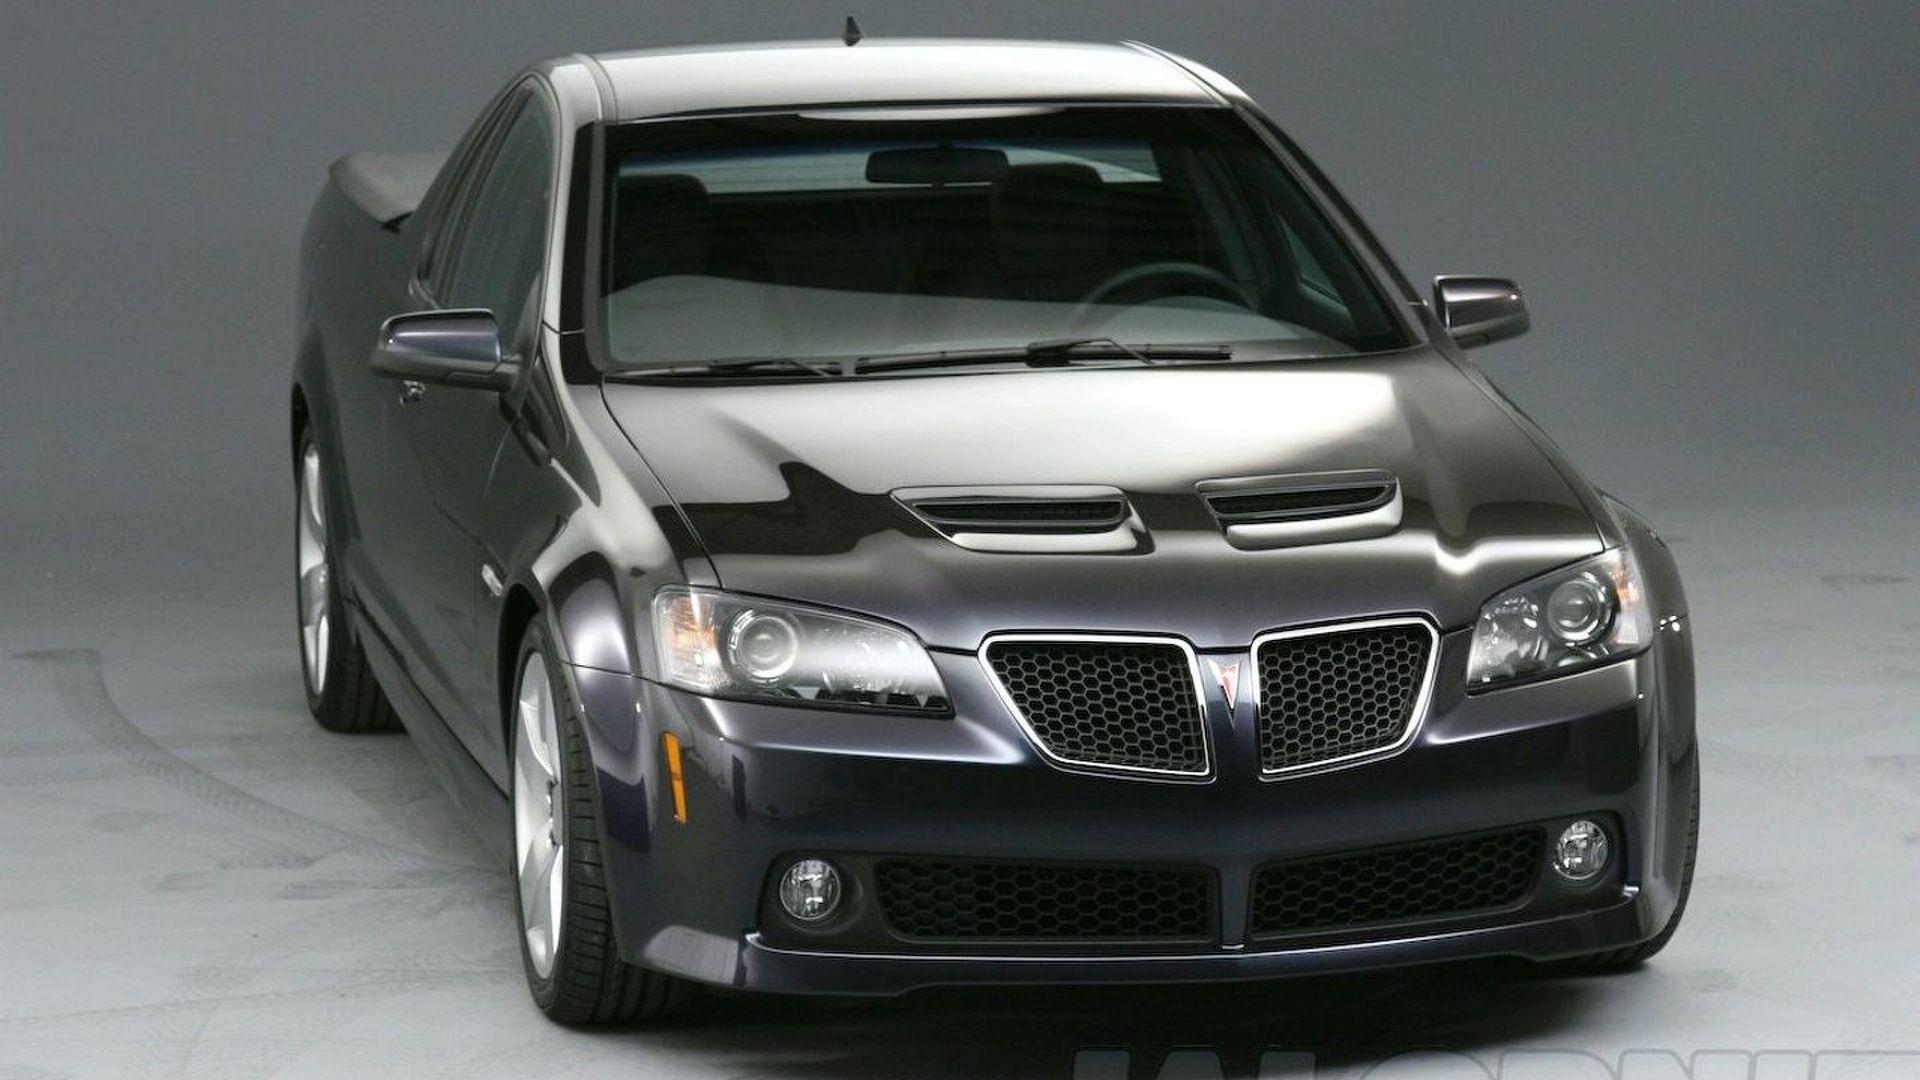 2021 Pontiac G8 Gt Concept